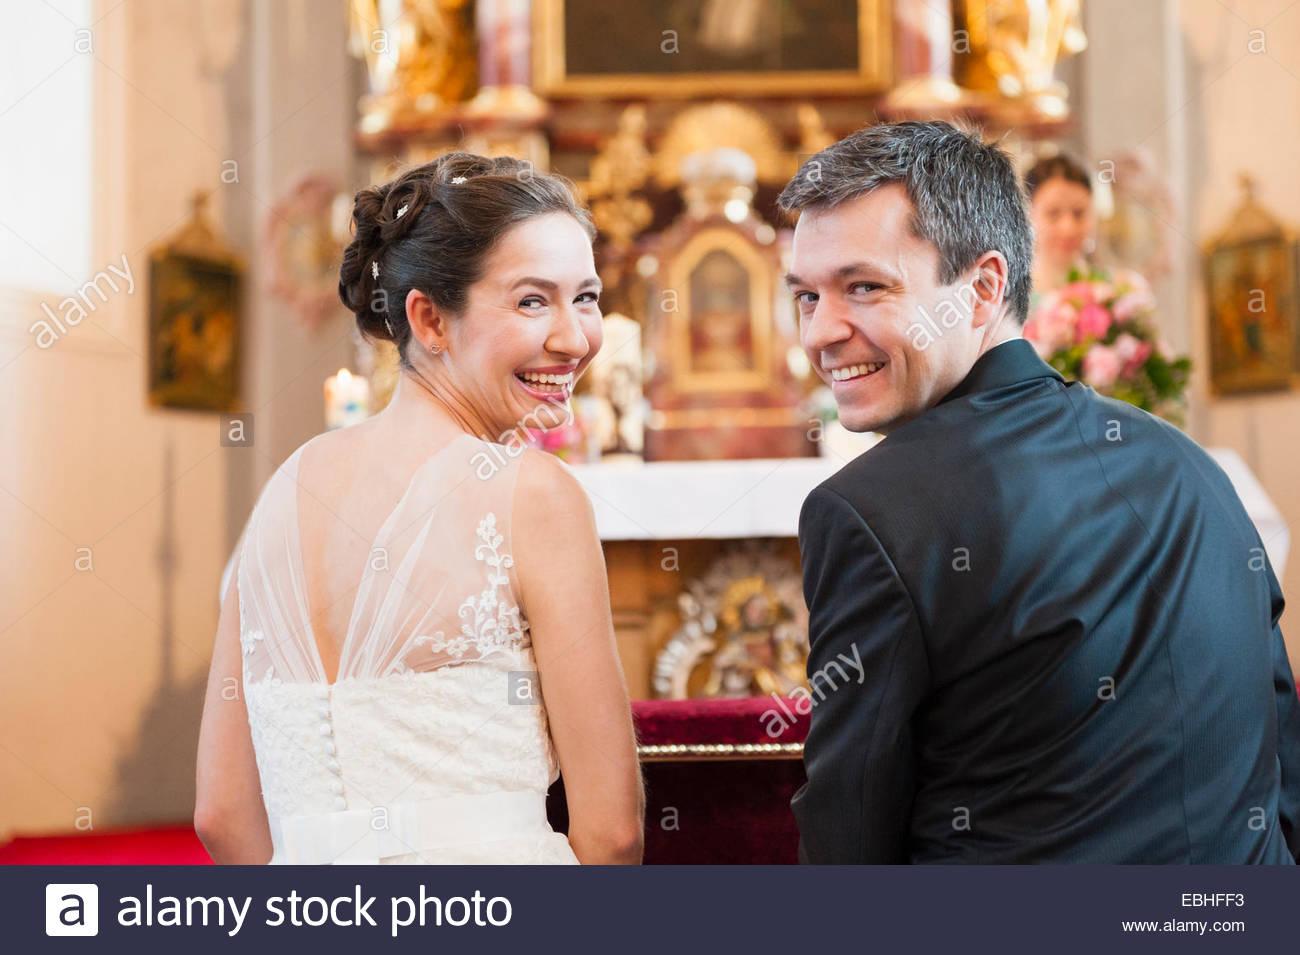 Rückansicht von Braut und Bräutigam am Altar der Kirche Stockbild